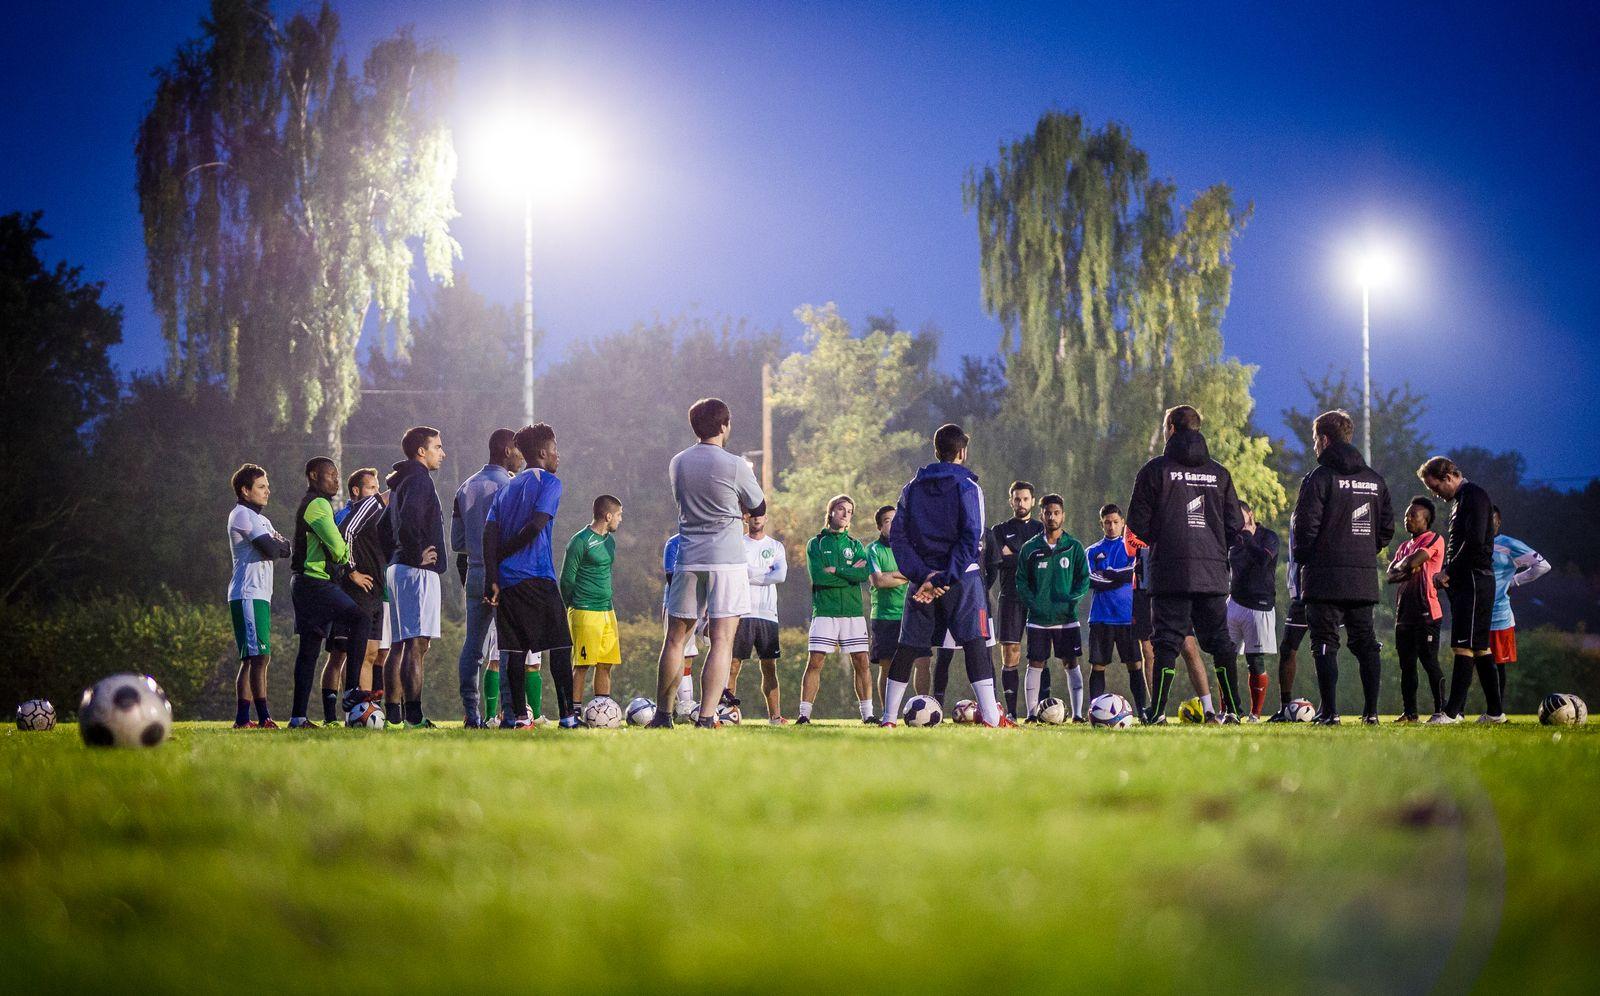 Fußball / Flüchtlinge